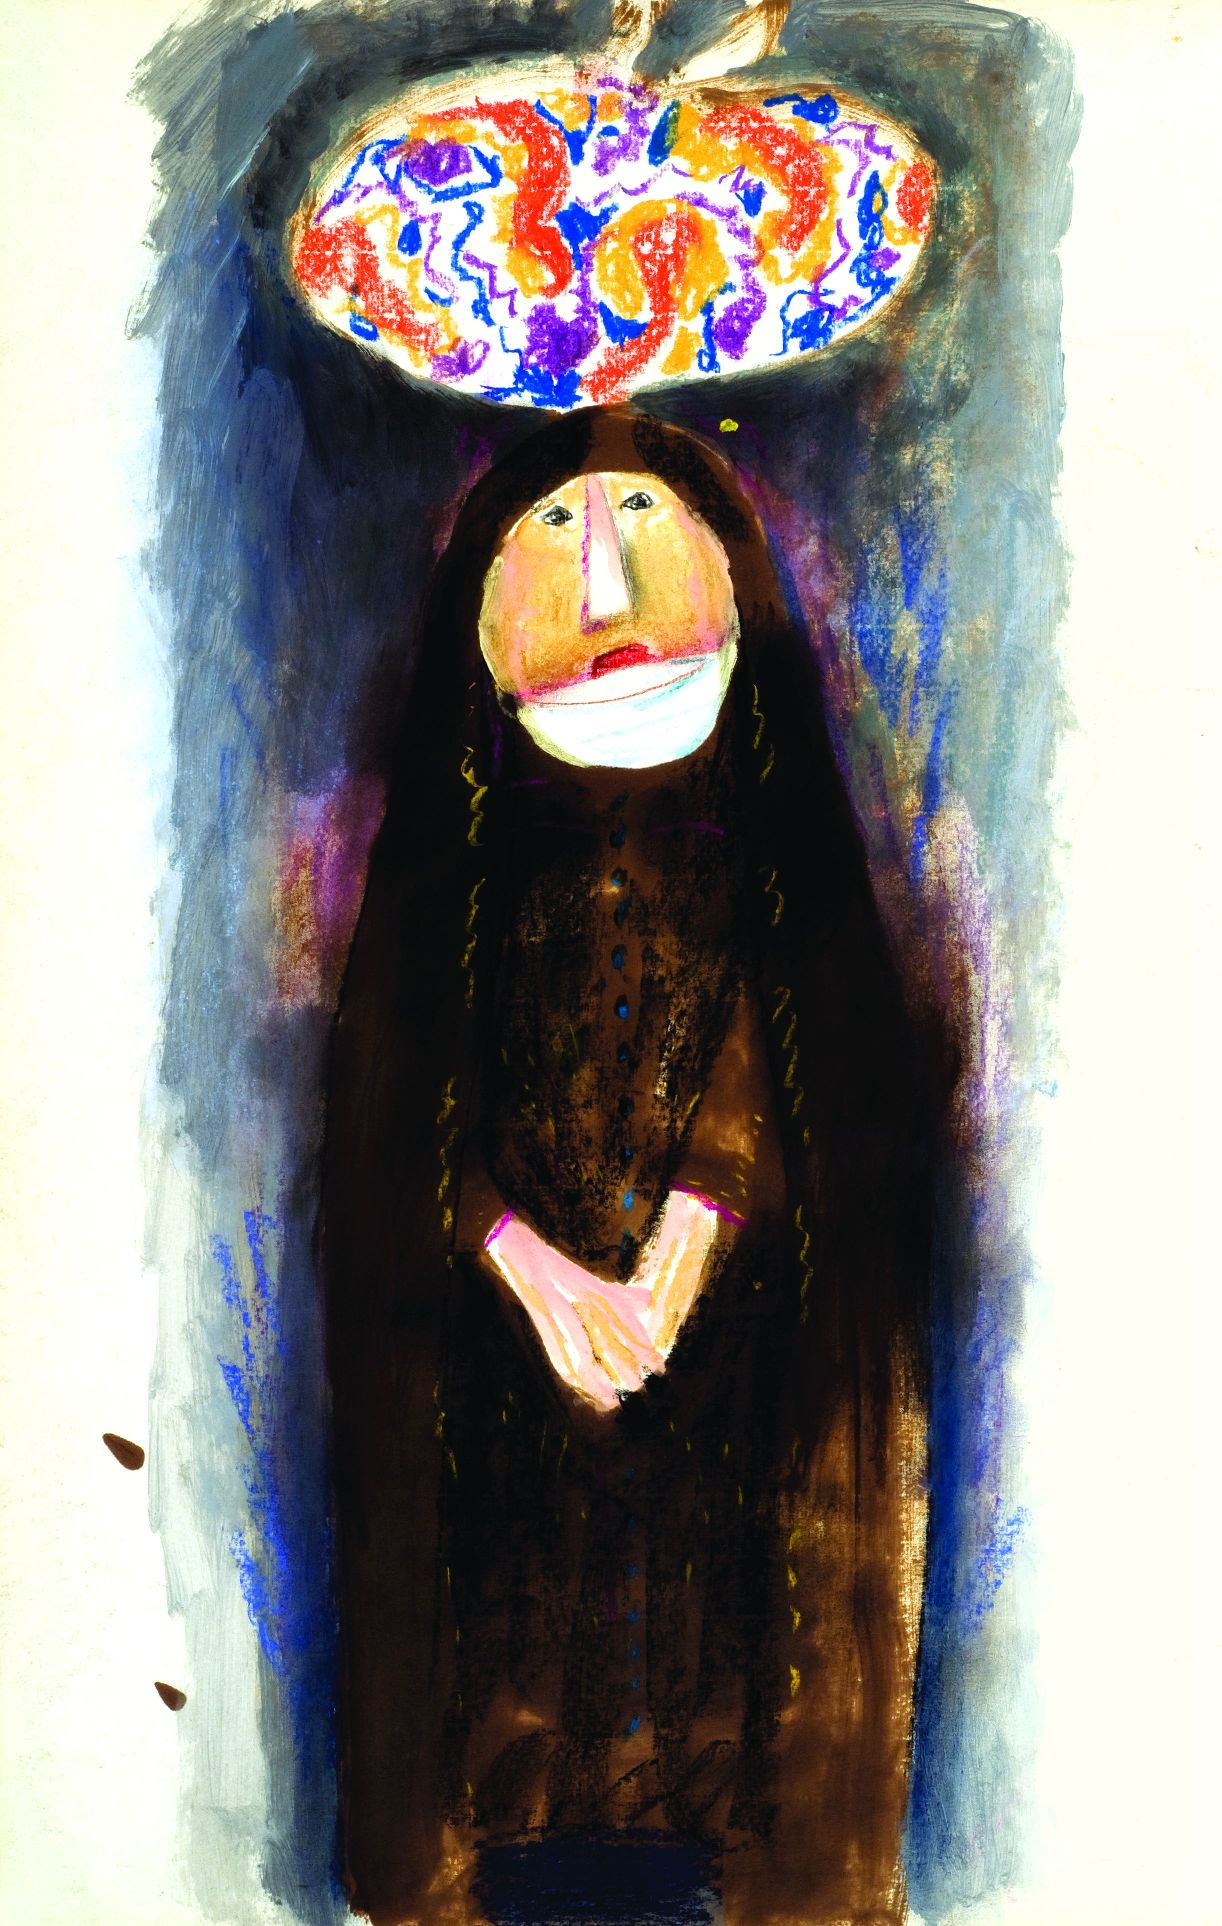 Женщина с узелком. 1997 г. Бумага, нуашь, пастель. Фонд Марджани.jpg